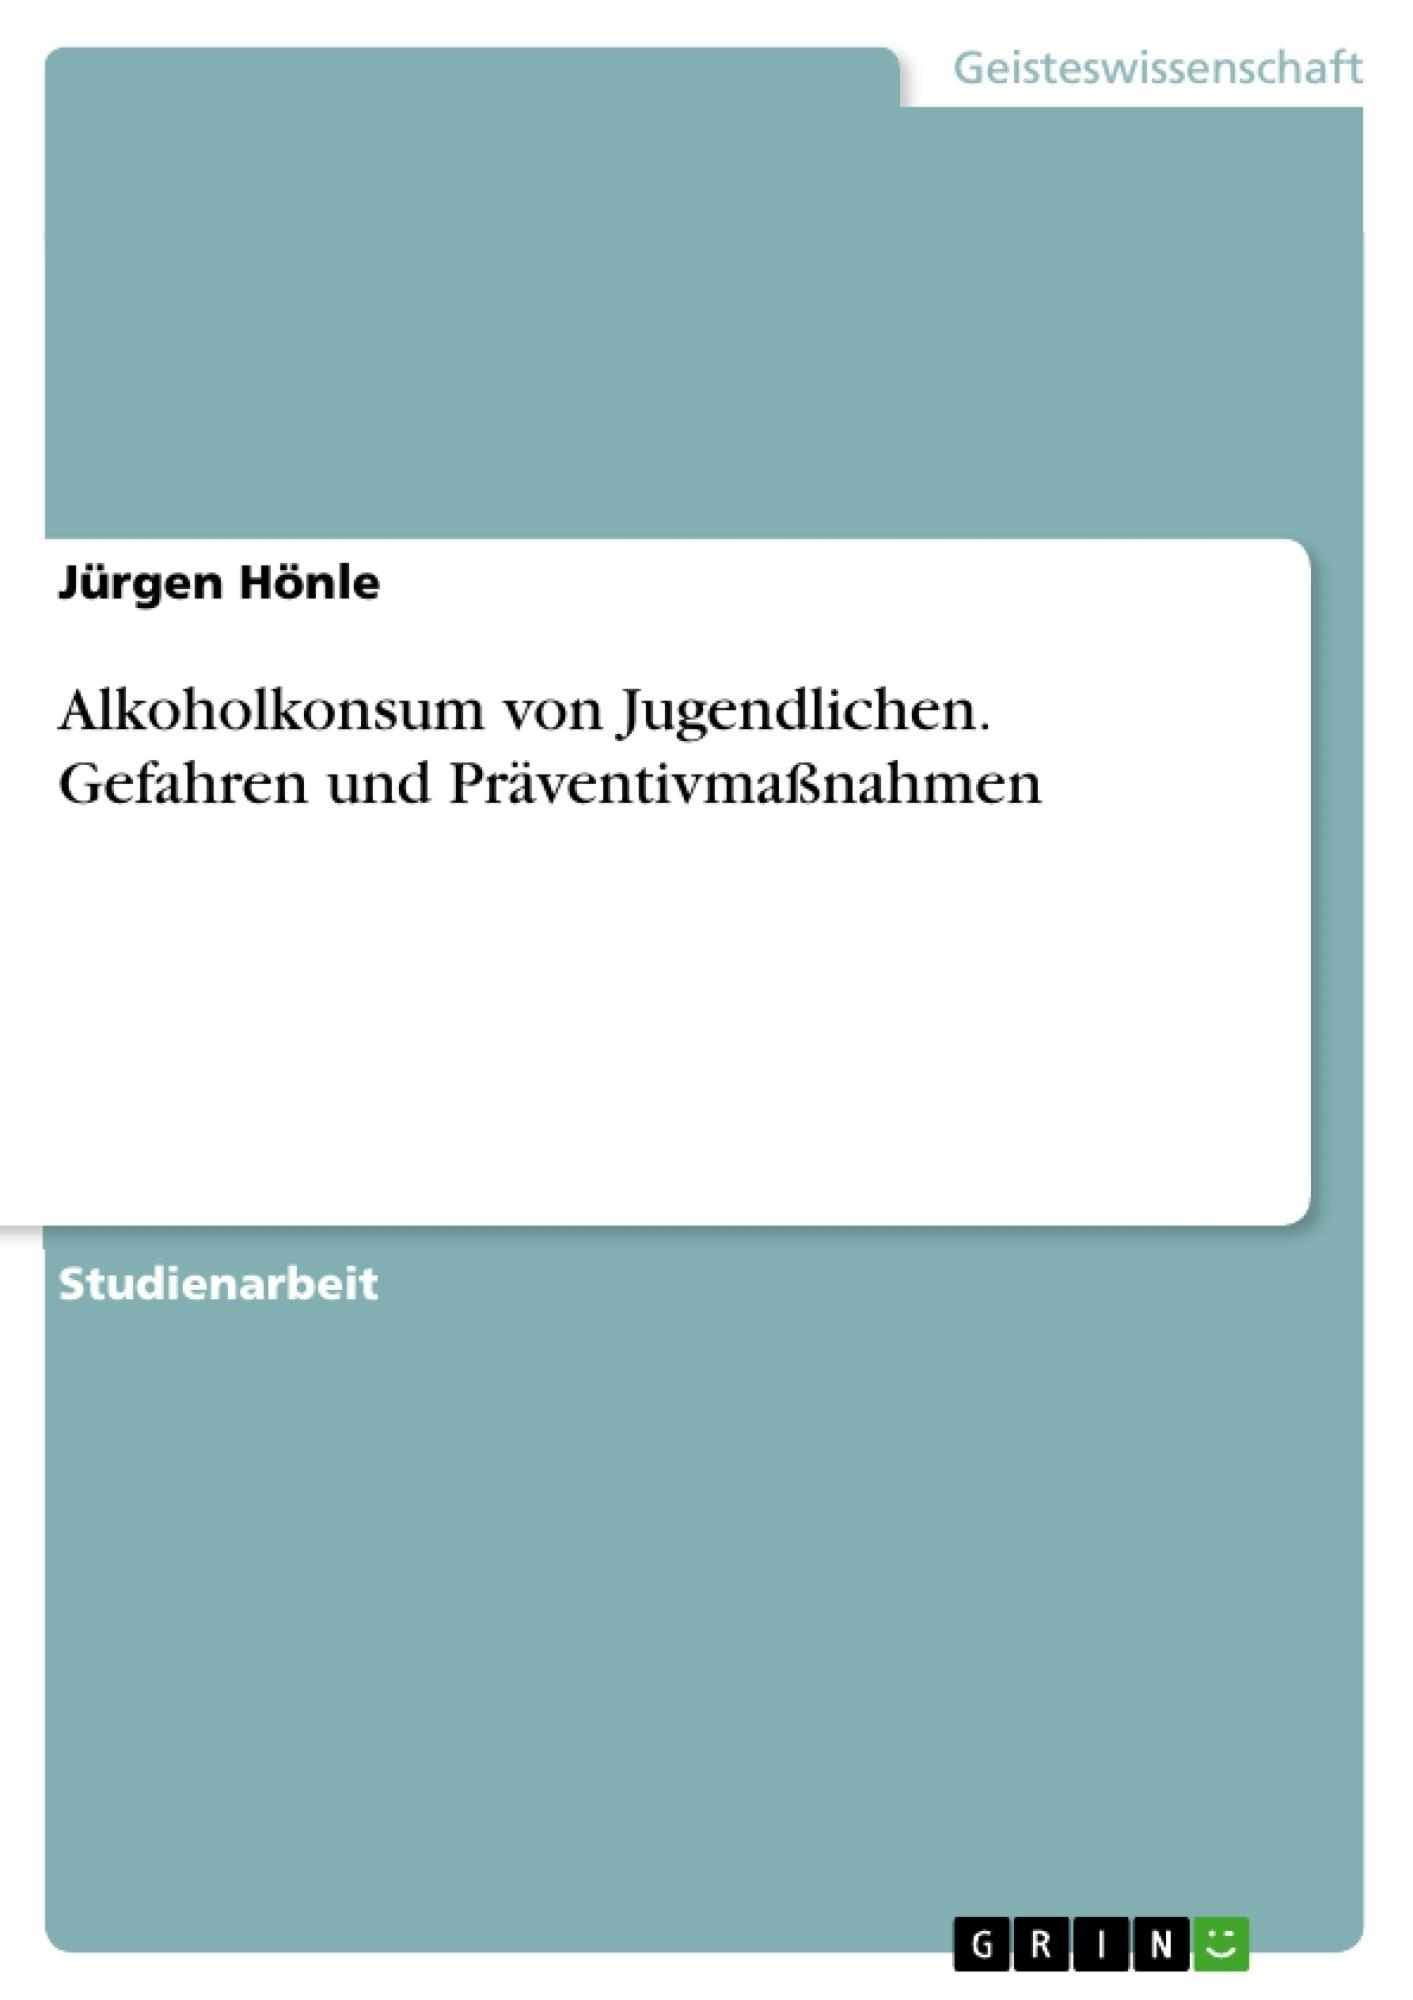 Titel: Alkoholkonsum von Jugendlichen. Gefahren und Präventivmaßnahmen